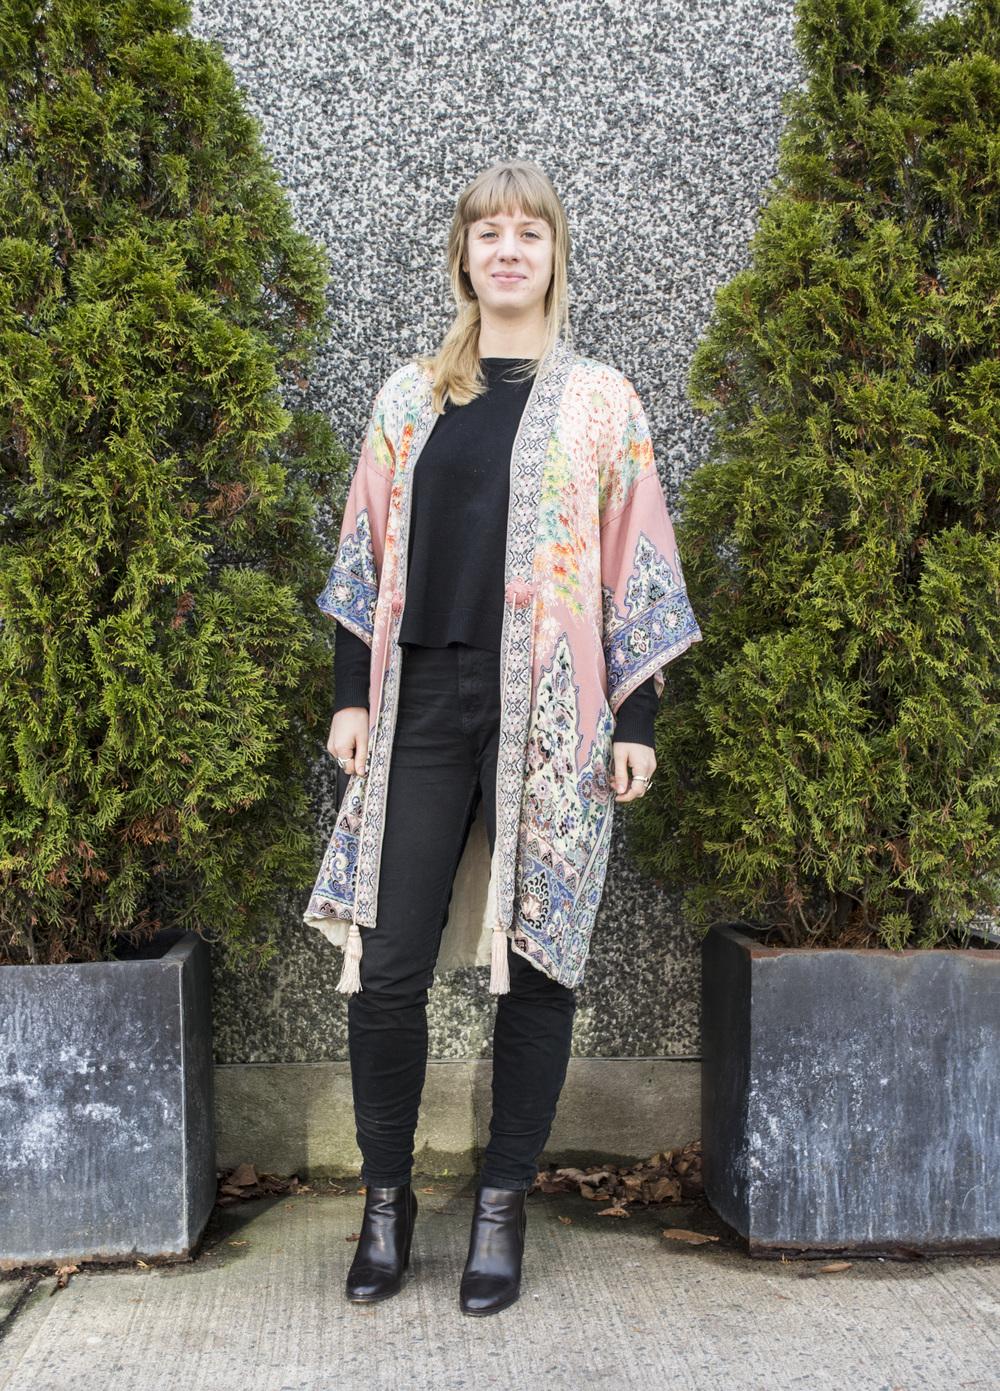 Kaley's Kimonos